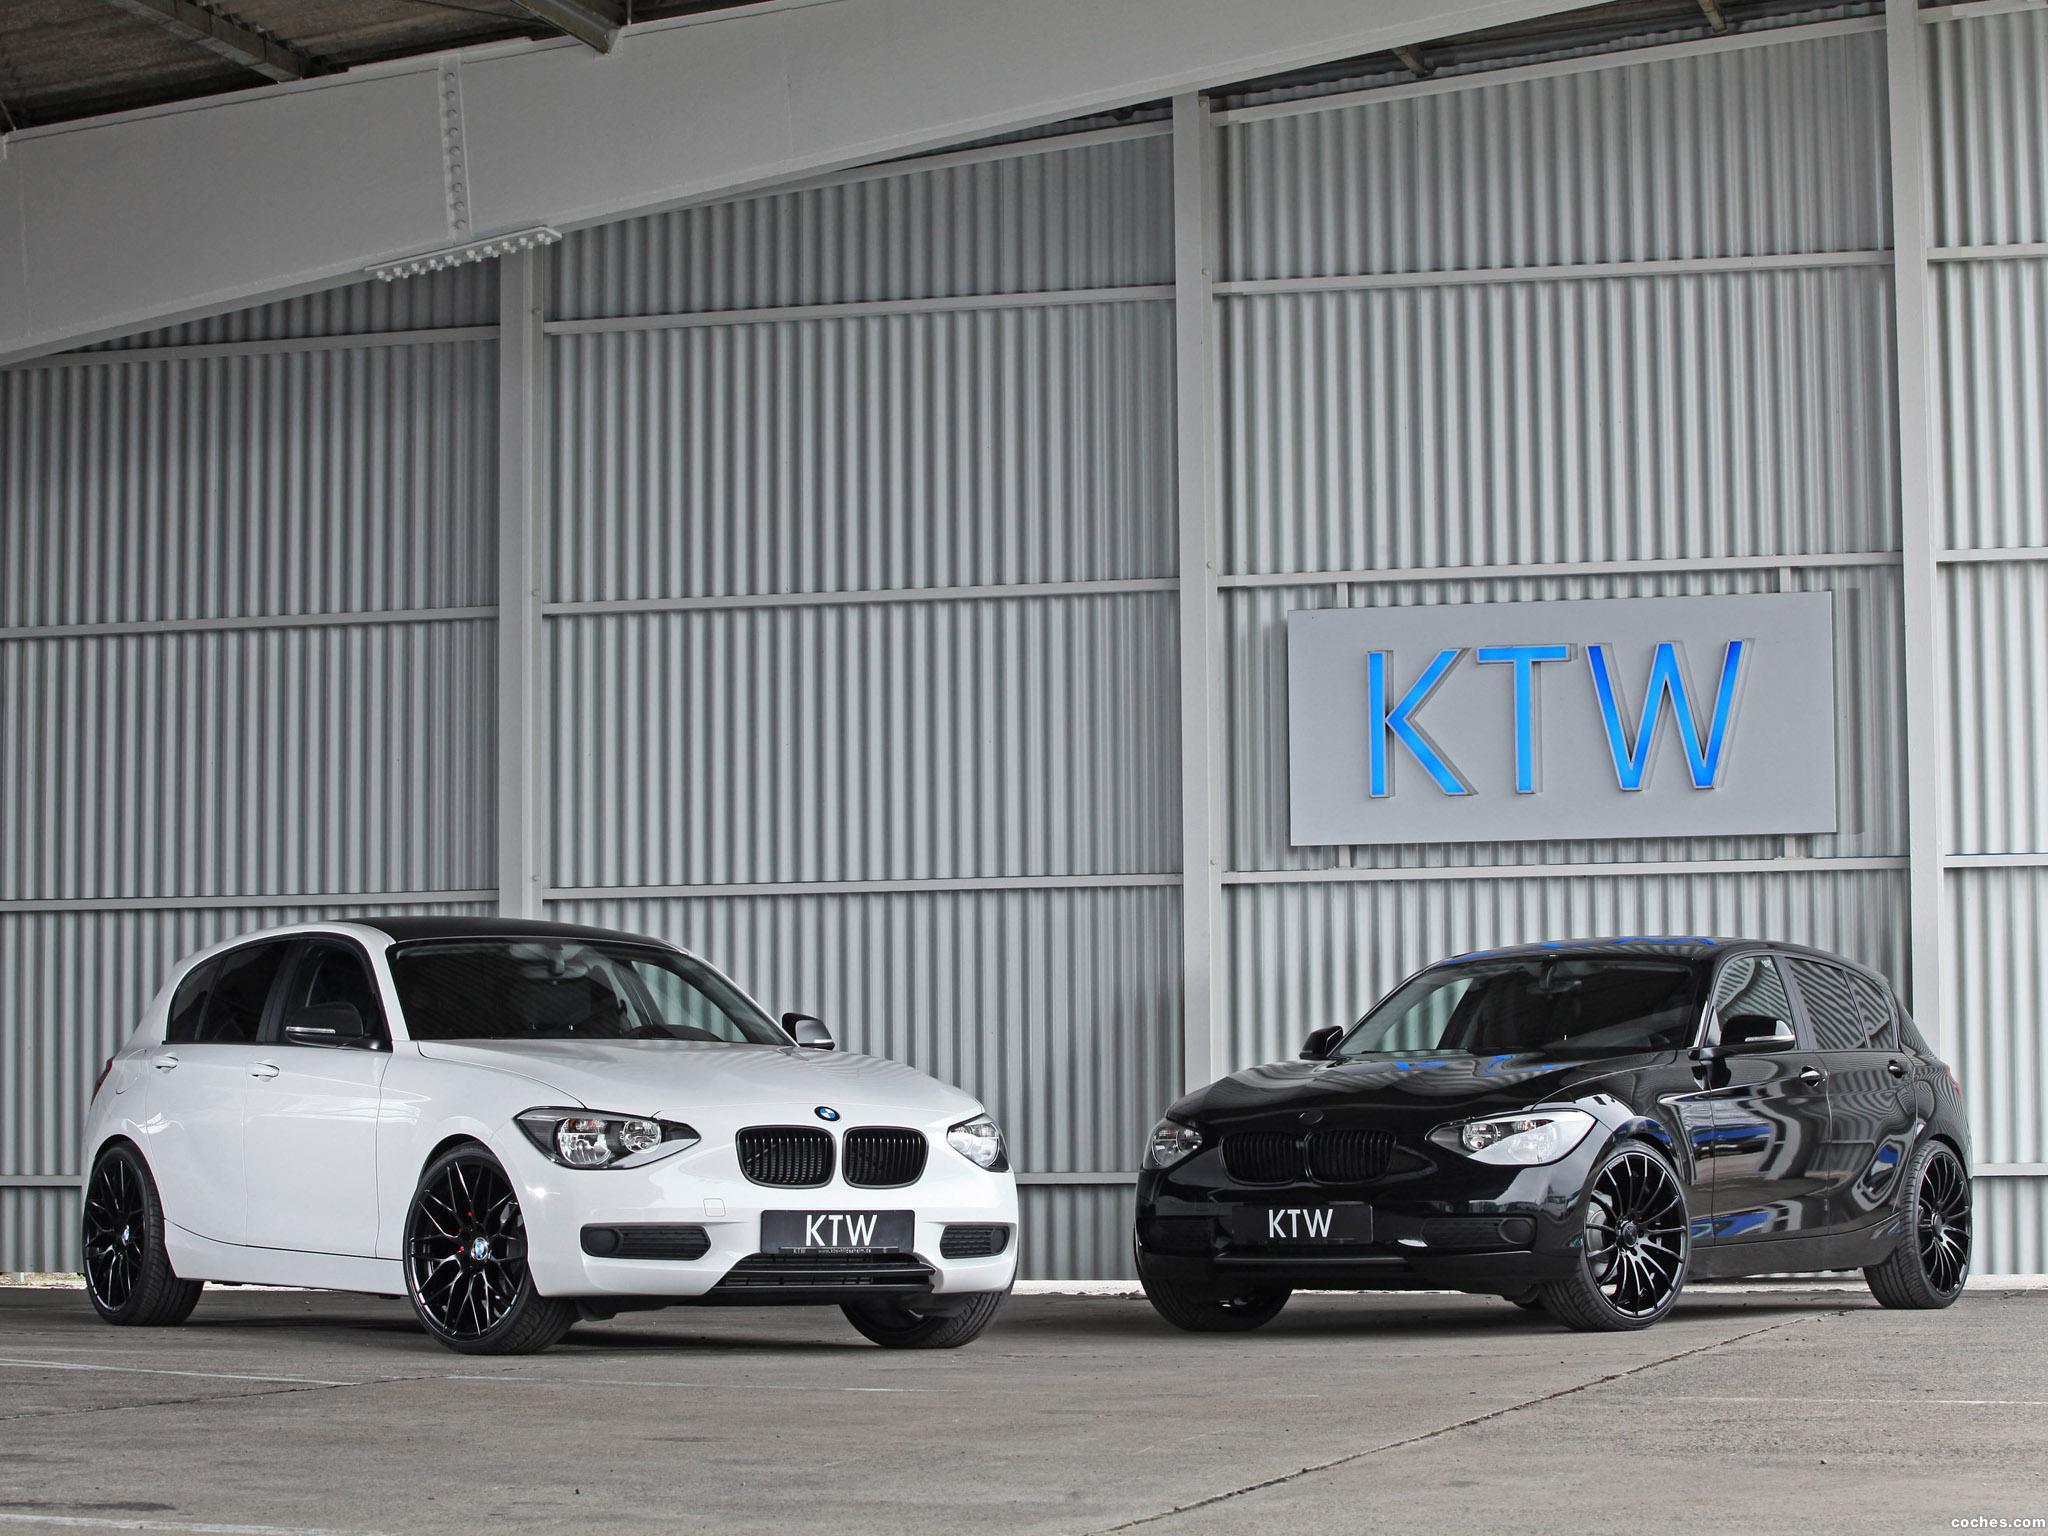 Foto 2 de KTW BMW Serie 1 2014